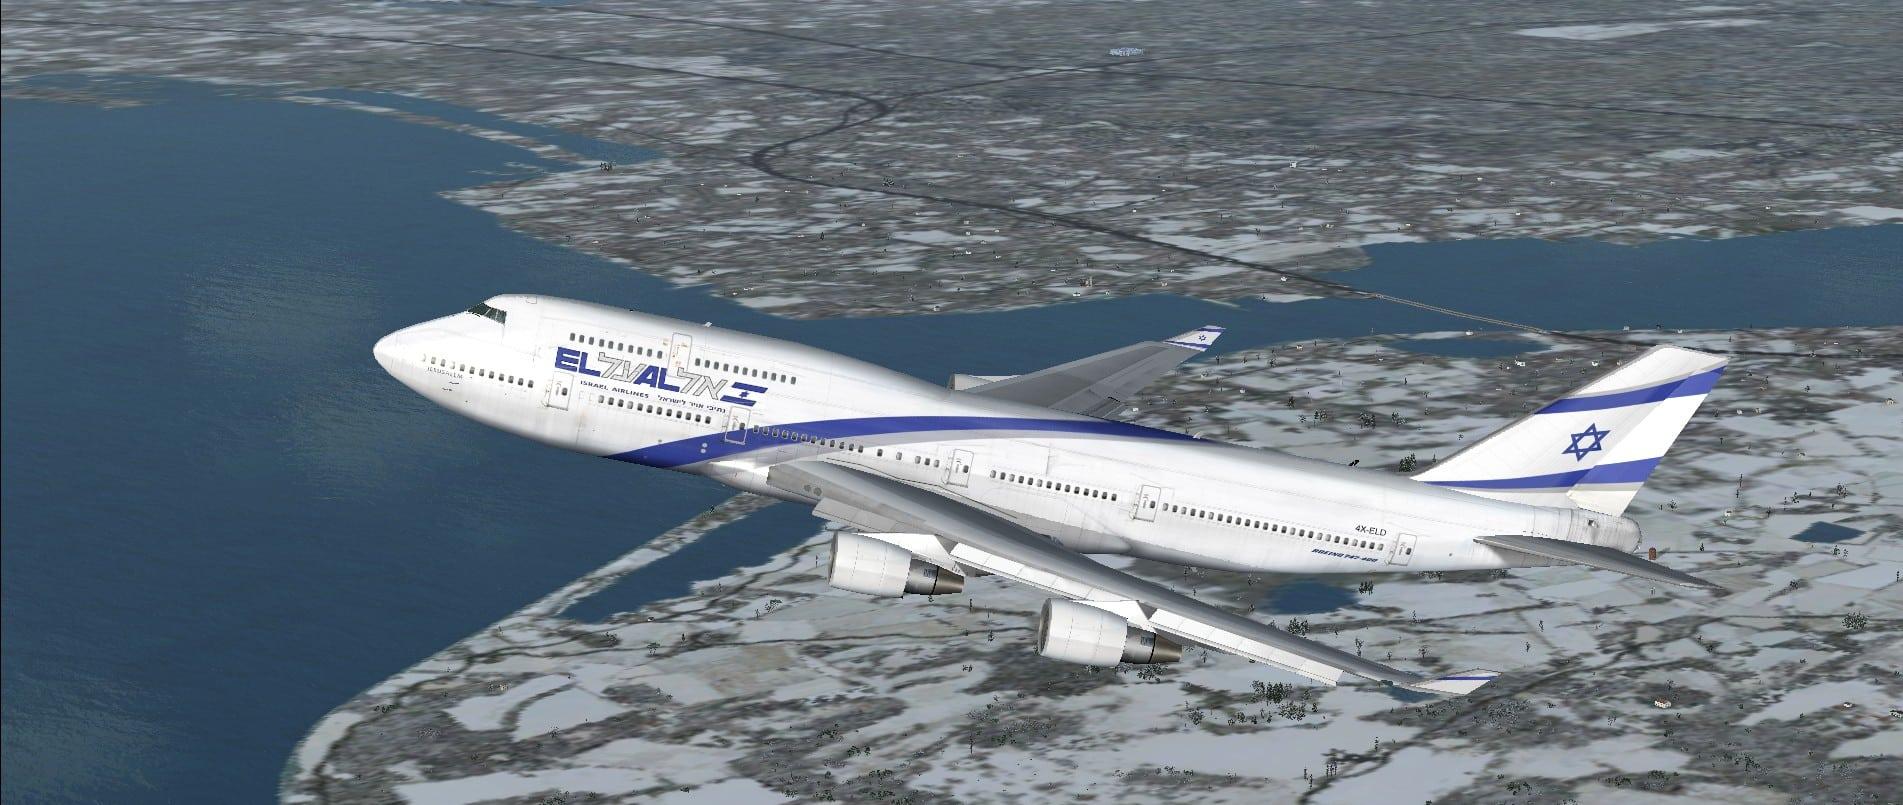 Ситуация в области безопасности отразилась на работе международного аэропорта Израиля